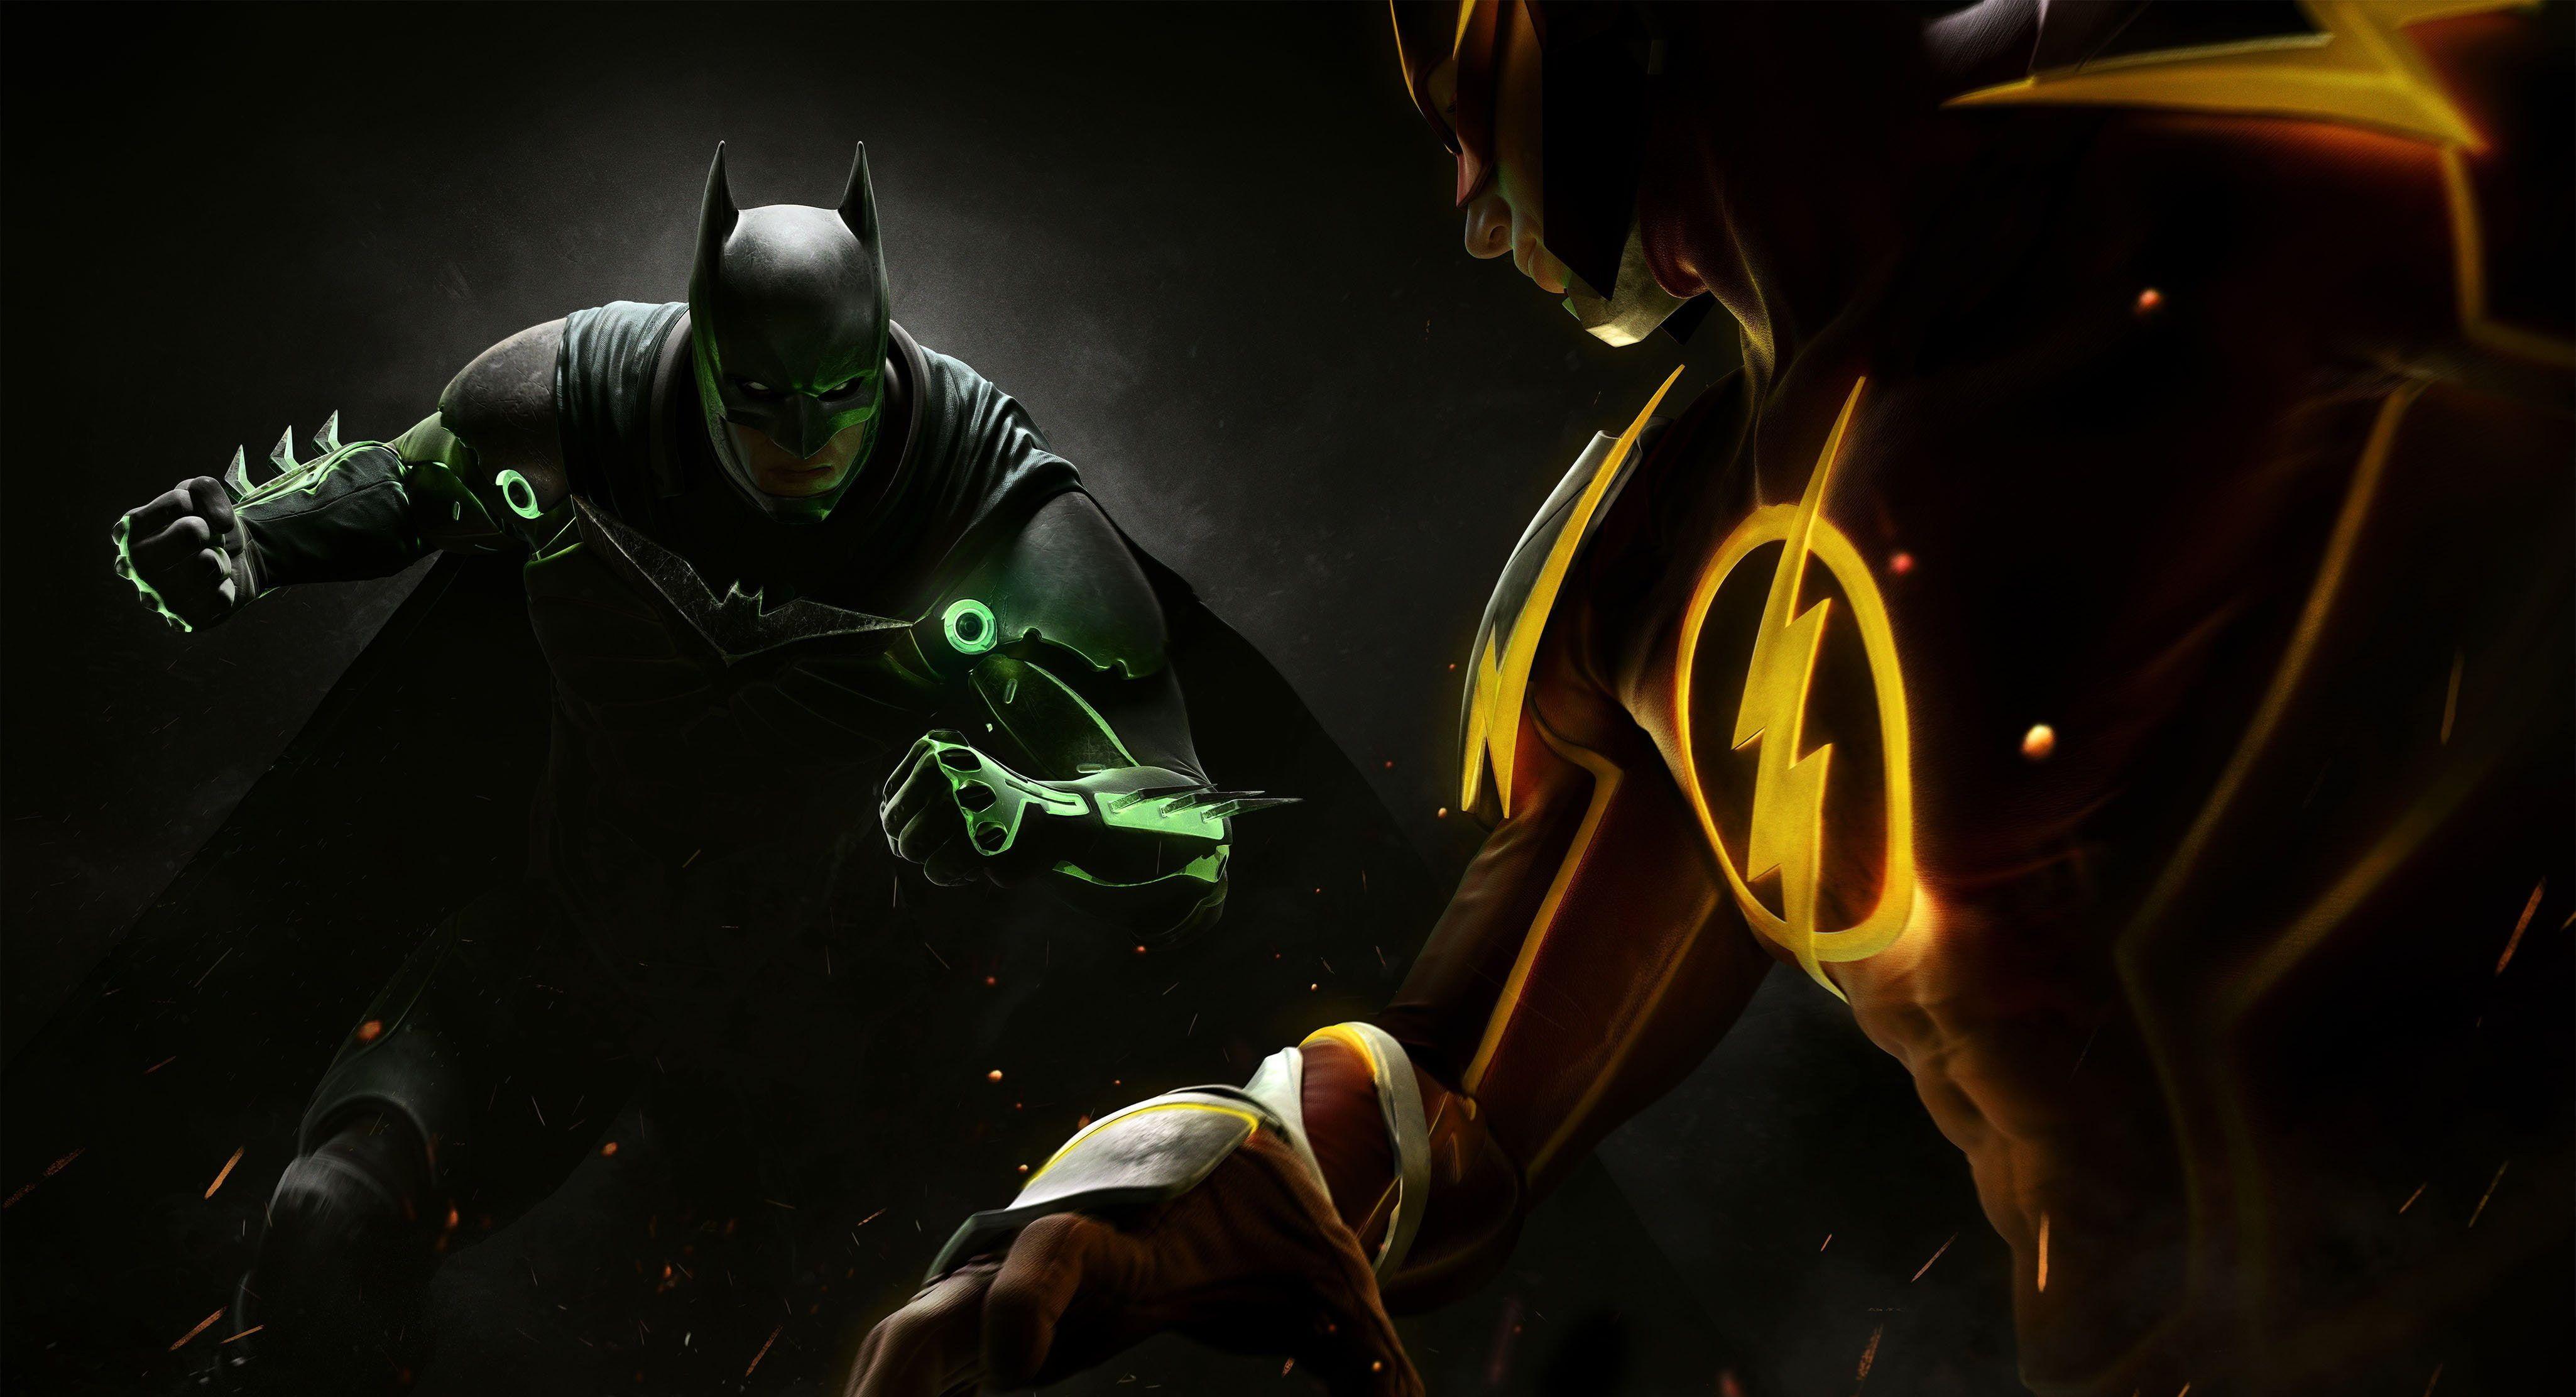 Batman The Flash Dc Comics Superhero Injustice 2 4k Wallpaper Hdwallpaper Desktop Batman Injustice 2 Batman Injustice